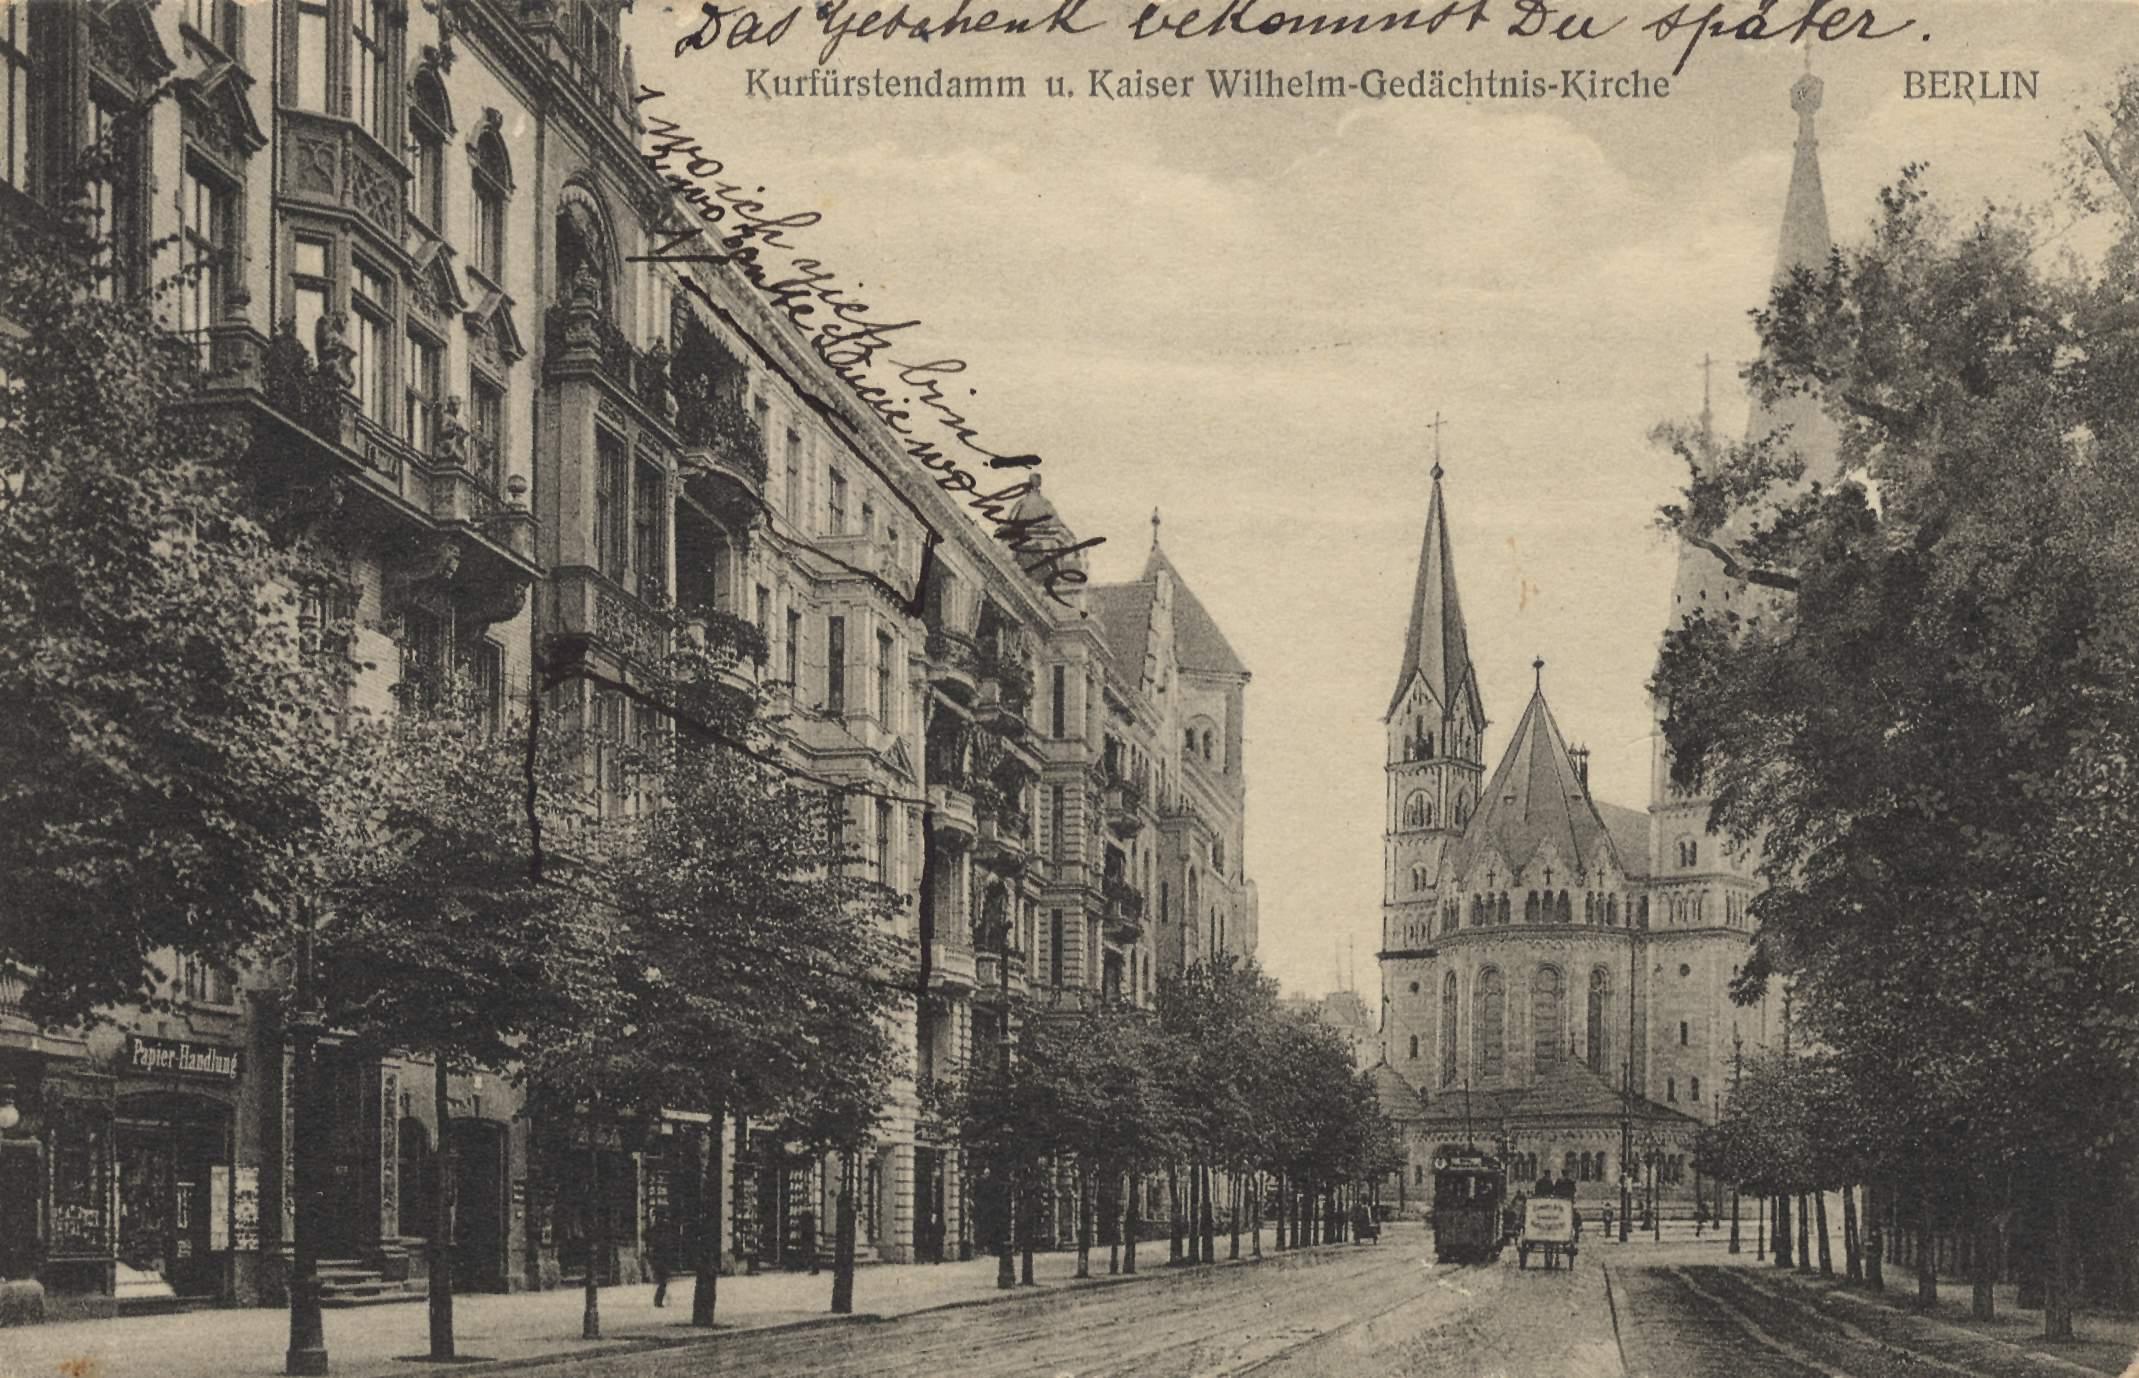 Kurfürstendamm und Gedächtnis-Kirche (Quelle: Wikimedia)